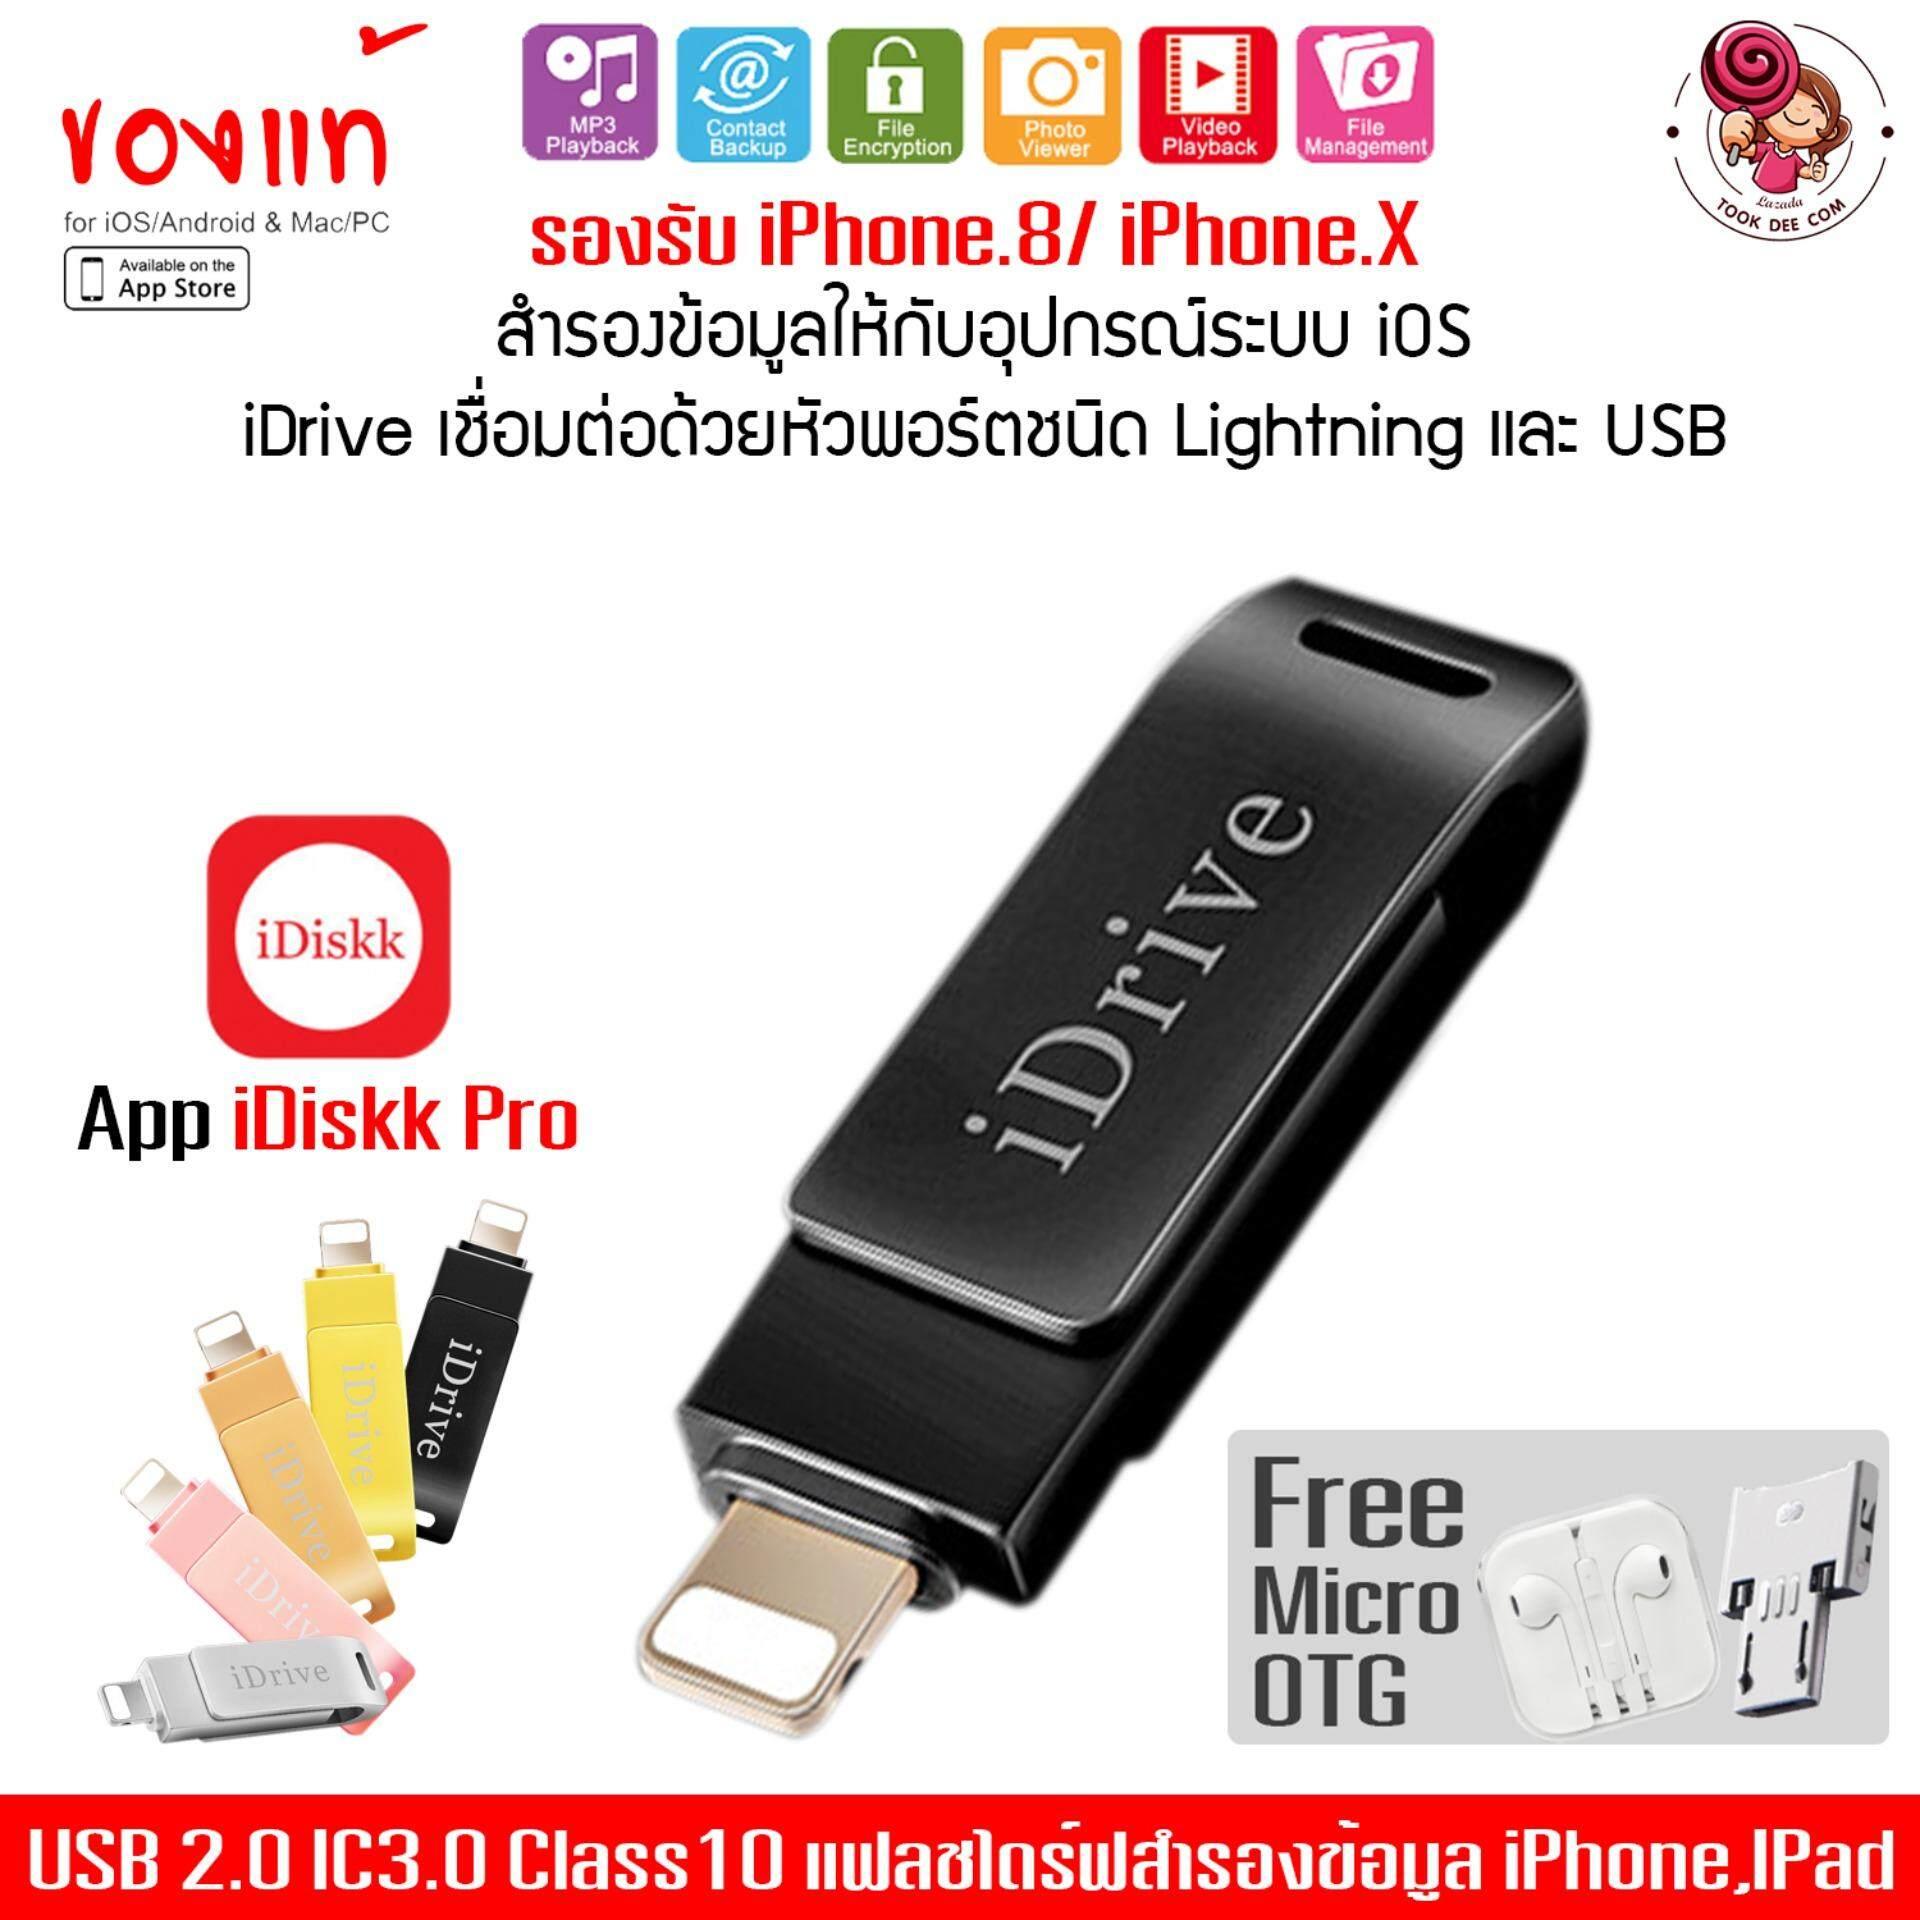 (ของแท้) Idrive Idiskk Pro 32gb Lx-811 5สี Usb 2.0 Ic3.0 Class10 แฟลชไดร์ฟสำรองข้อมูล Iphone,ipad + Otg Oemหูฟัง.